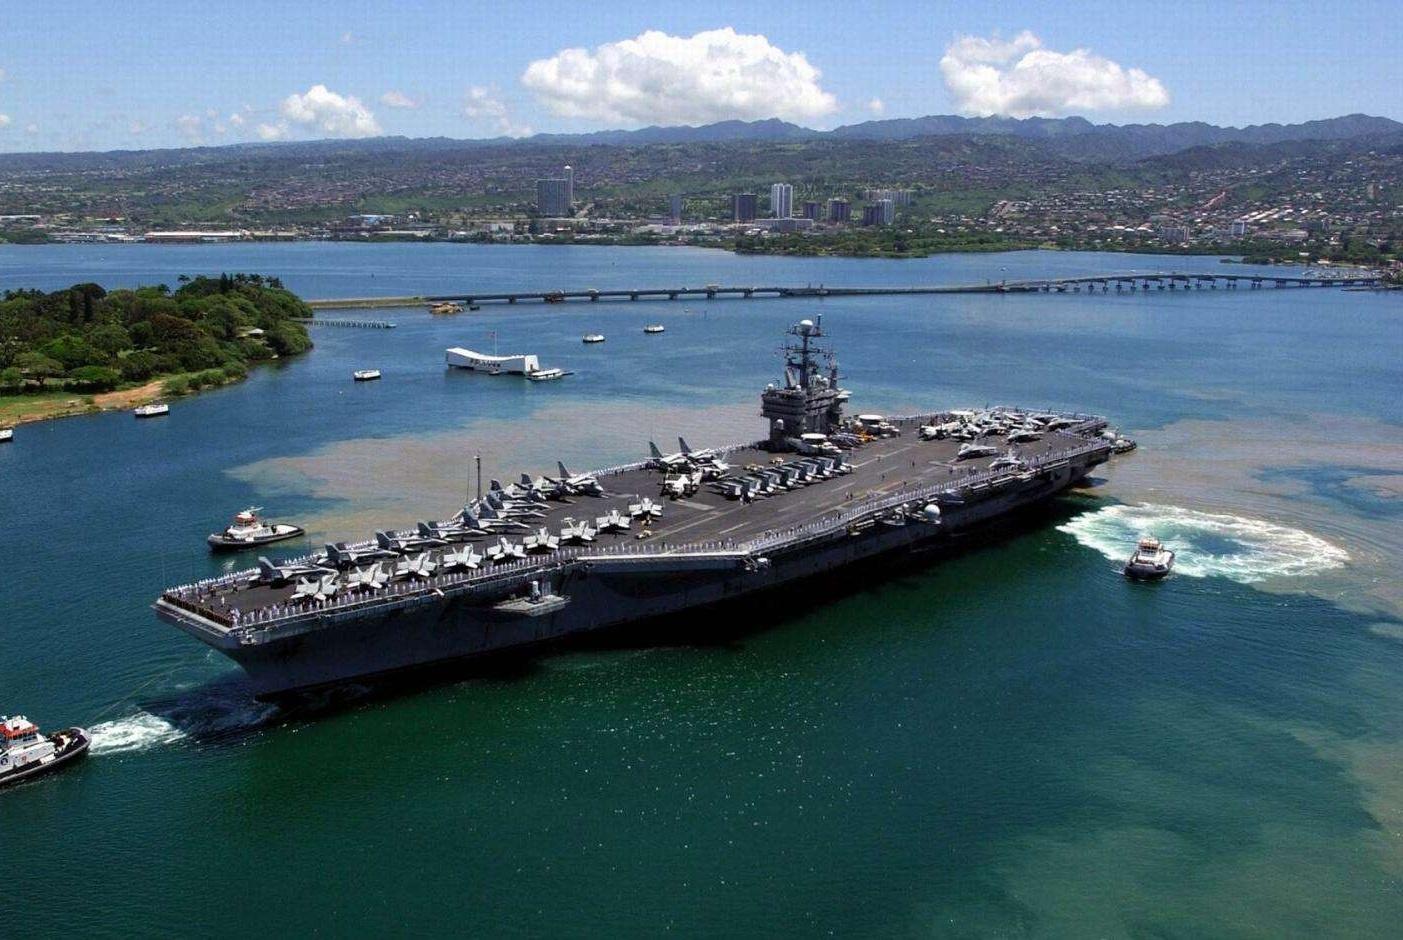 美国欠中国巨额债款,可造220艘航母!万一打仗不还怎么办?